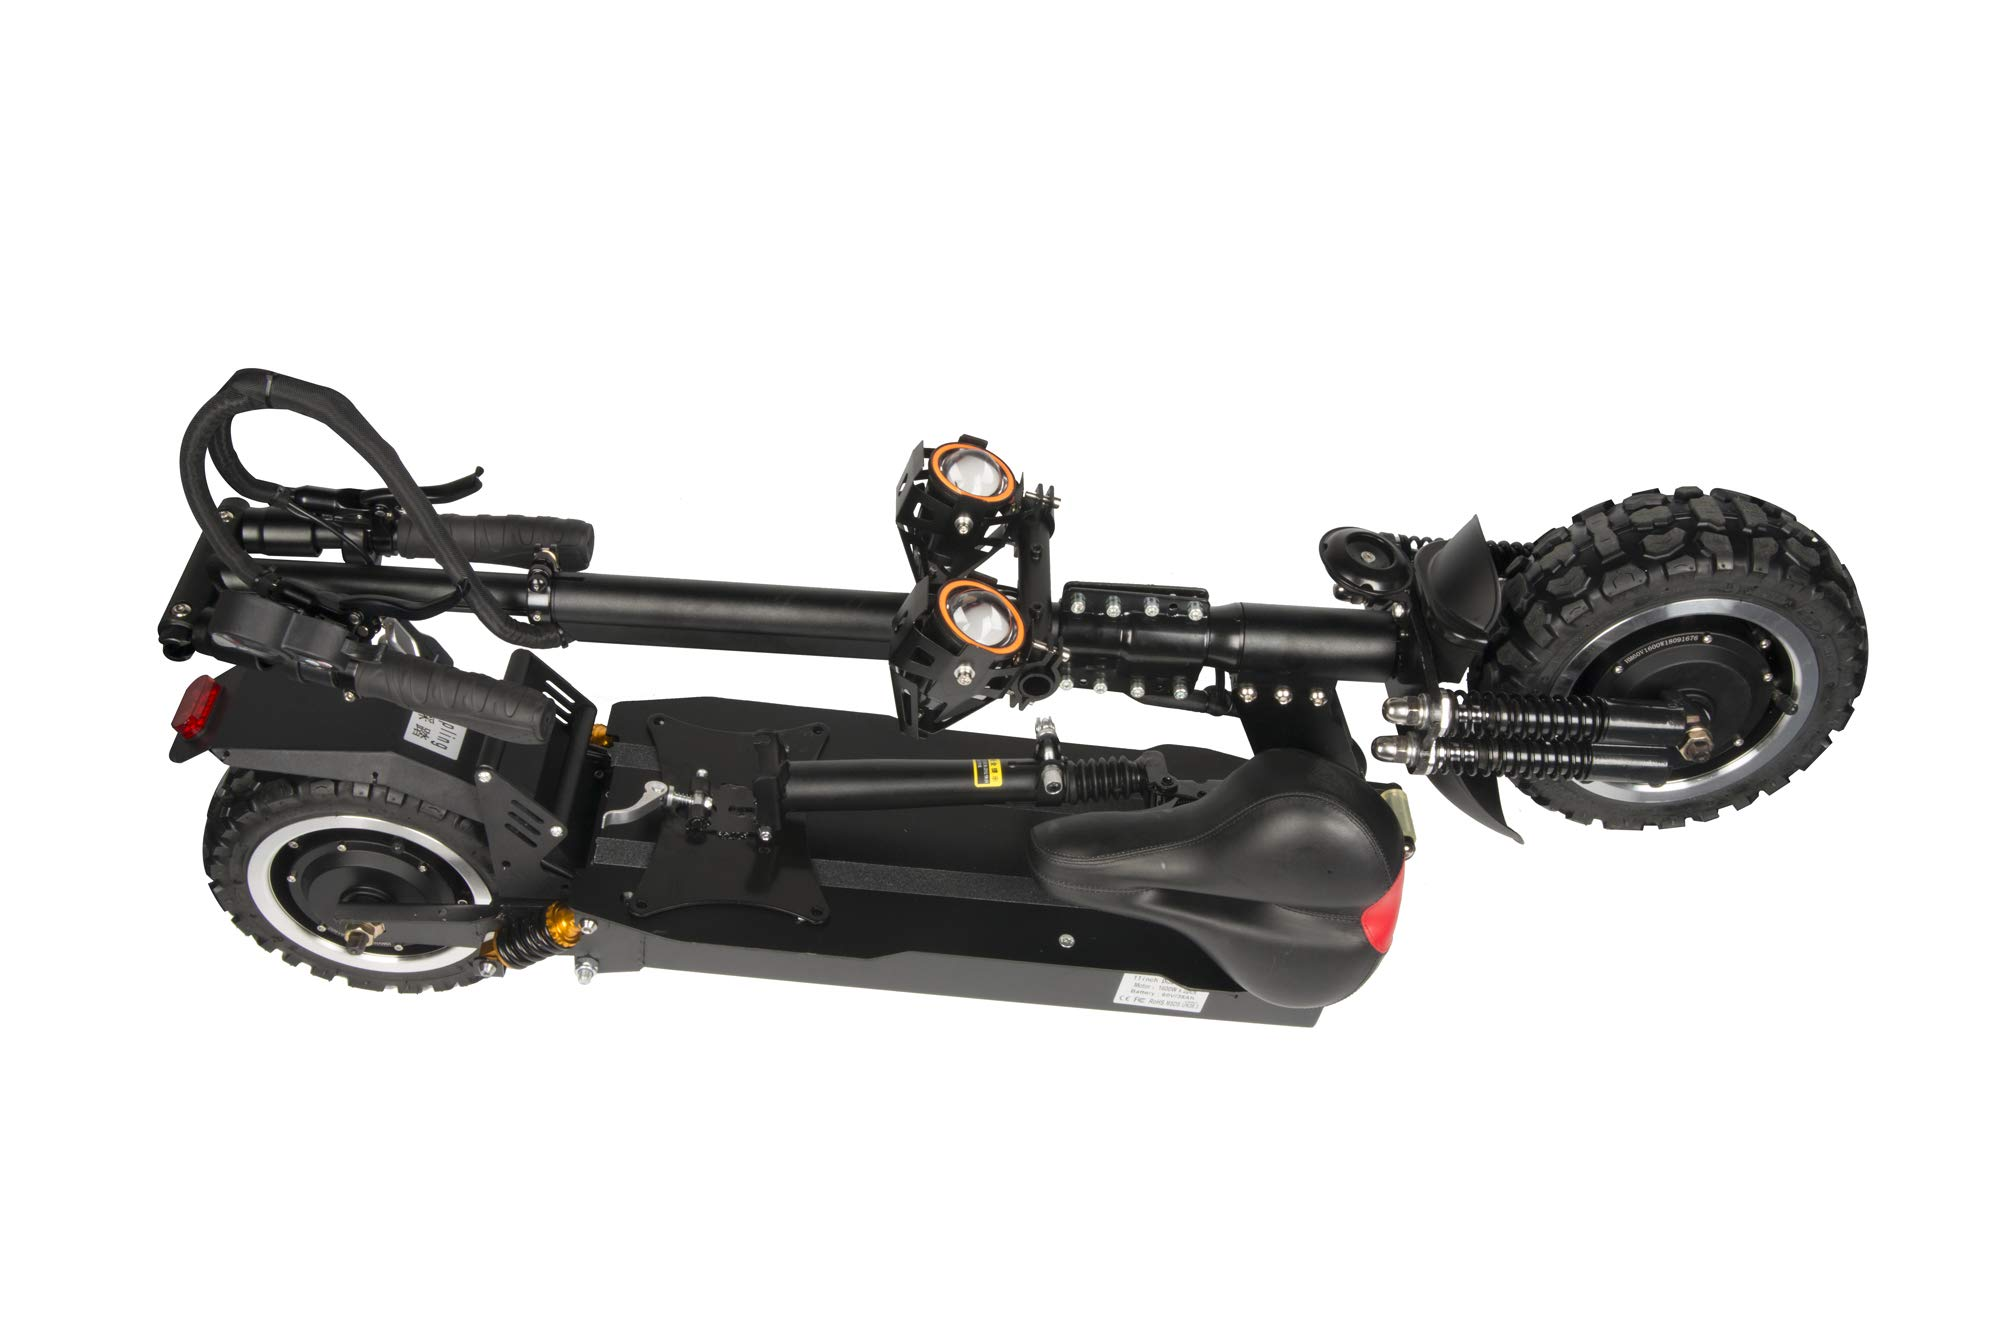 Comprar NANROBOT RS2 2400 W Patinete eléctrico Ligero Plegable con batería de Largo Alcance DE 45 Millas de hasta 40 mph (Patinete eléctrico)